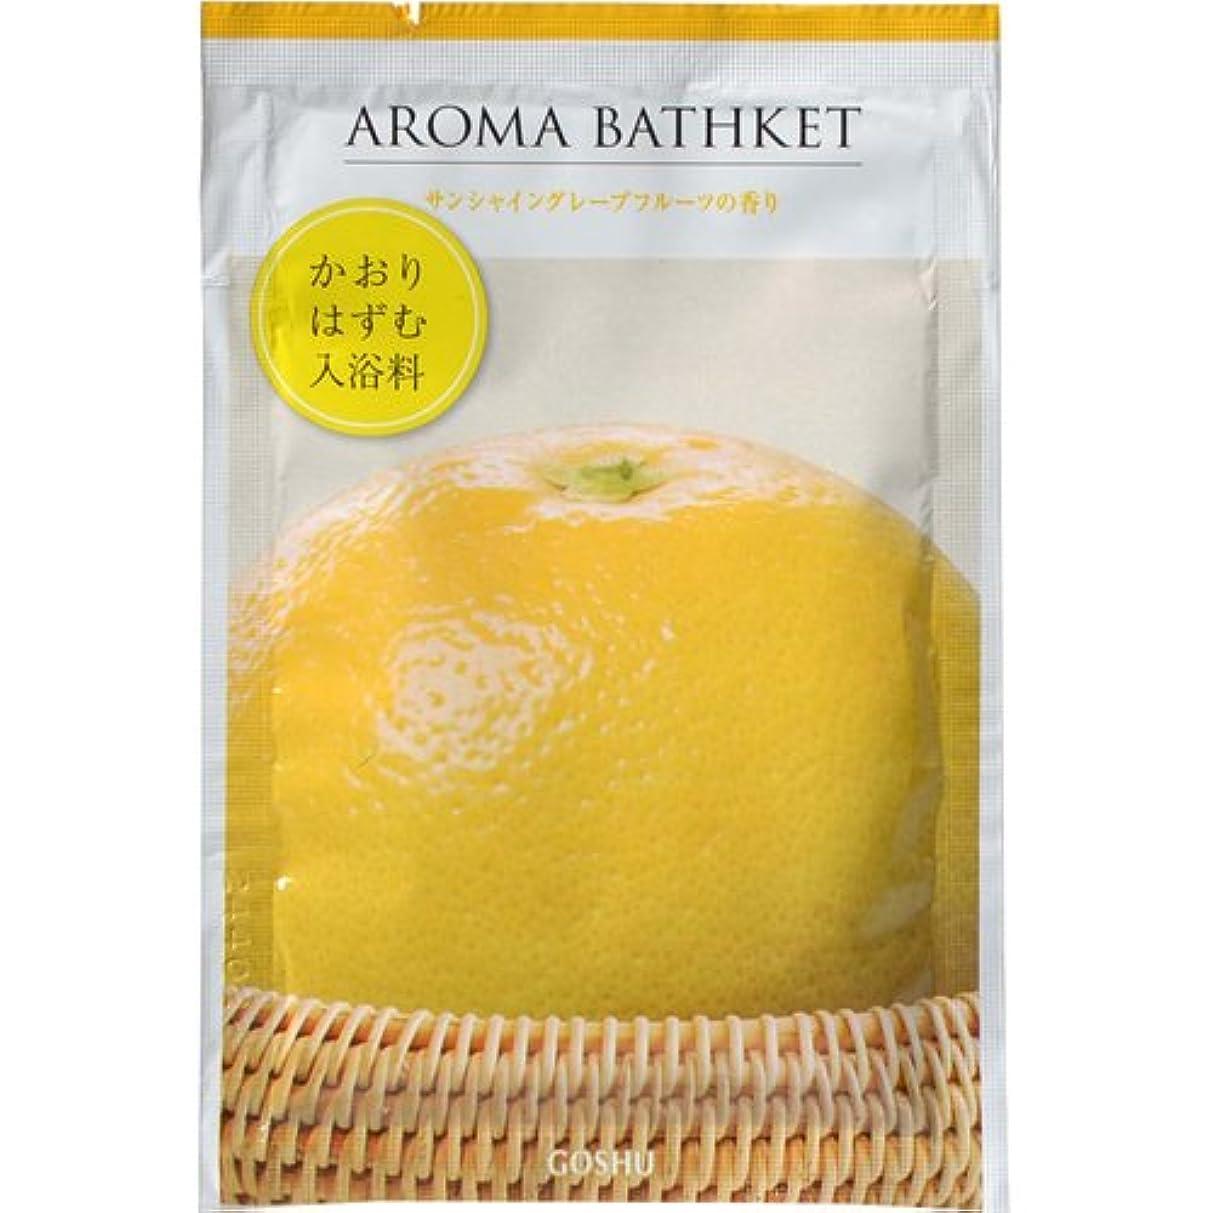 マニアックレイプ家禽アロマバスケット サンシャイングレープフルーツの香り 25g